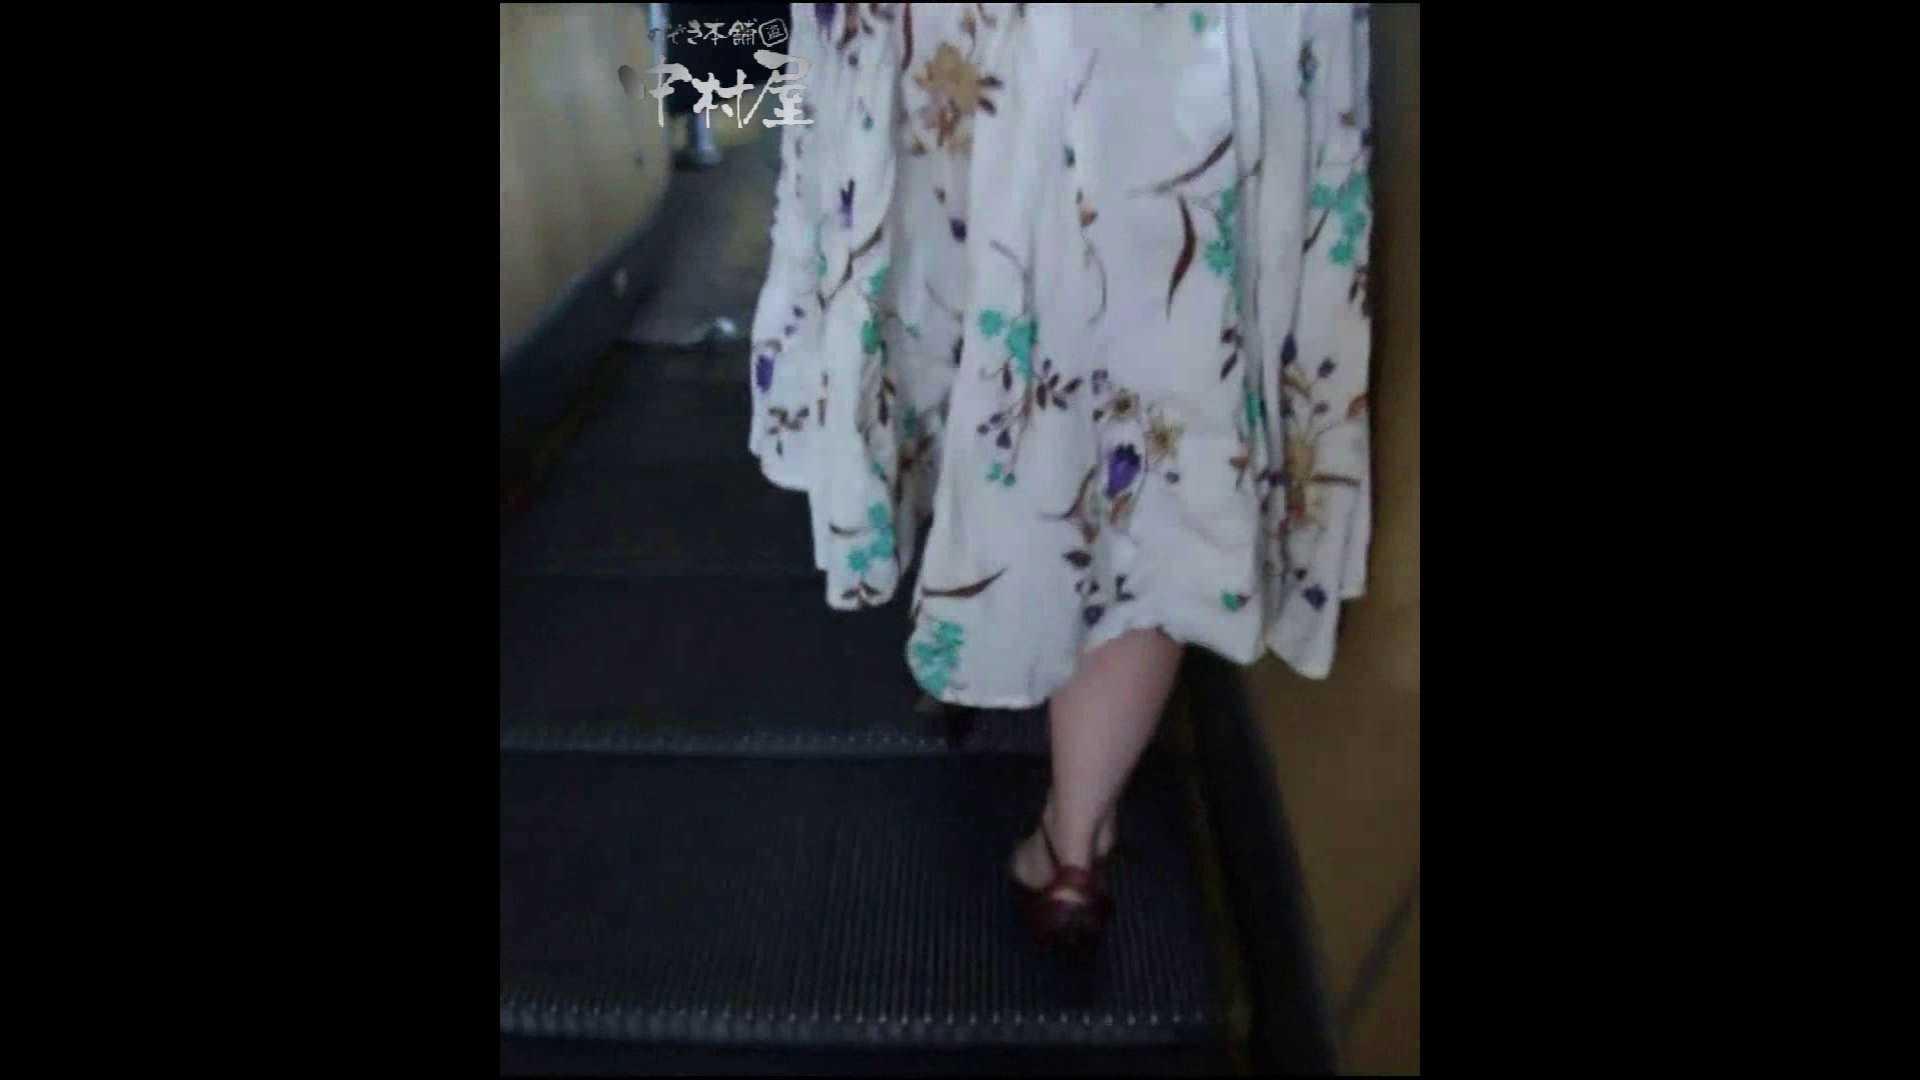 綺麗なモデルさんのスカート捲っちゃおう‼ vol23 お姉さんヌード   OLセックス  66画像 65